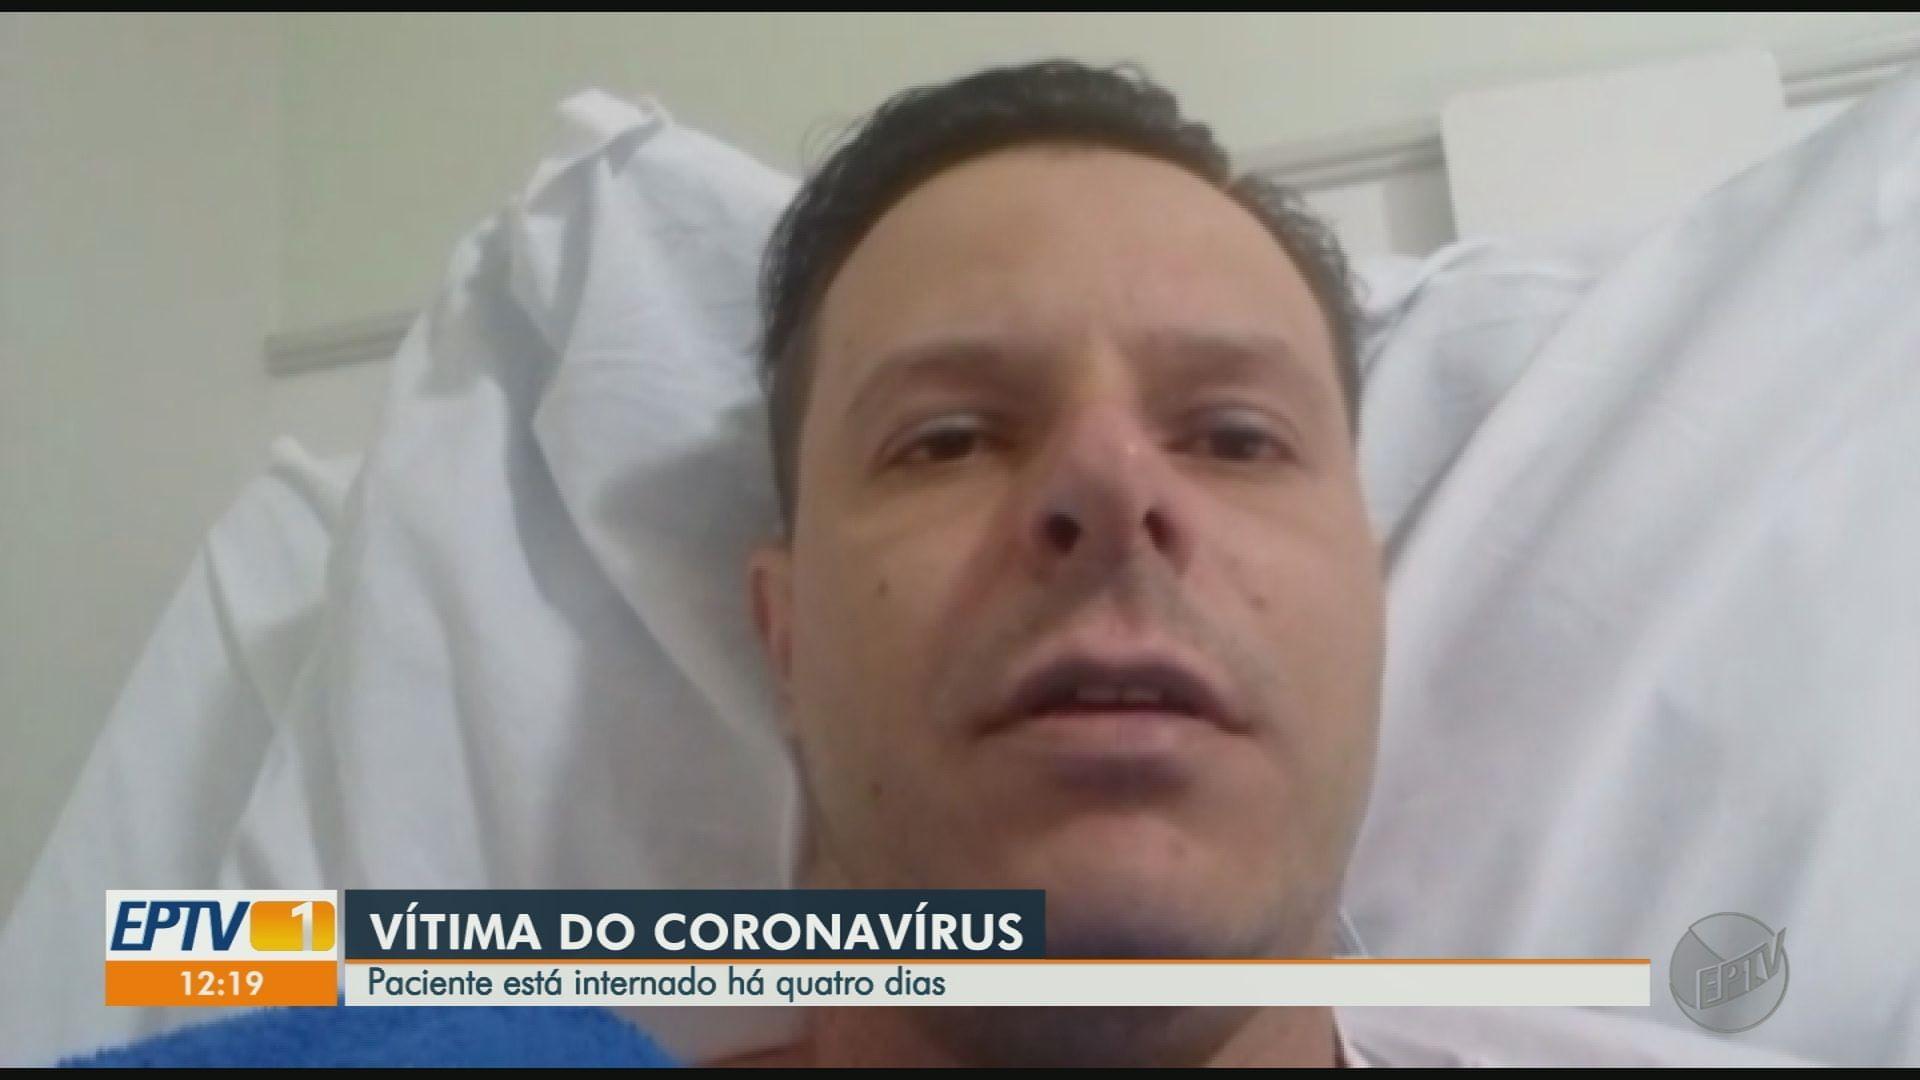 VÍDEOS: EPTV 1 Ribeirão Preto de sexta-feira, 29 de maio